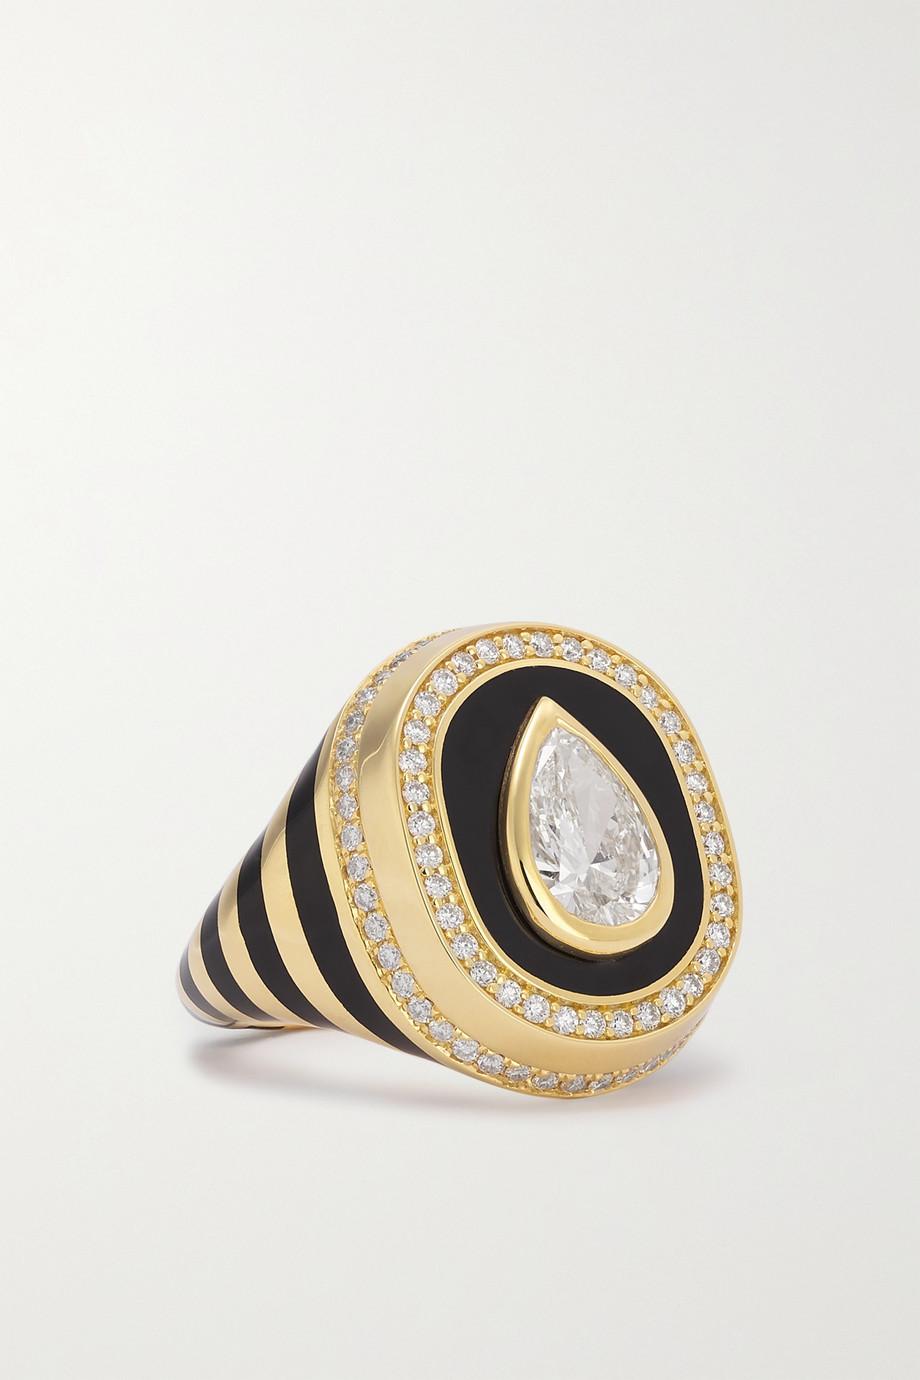 State Property Baret 18-karat gold, enamel and diamond signet ring